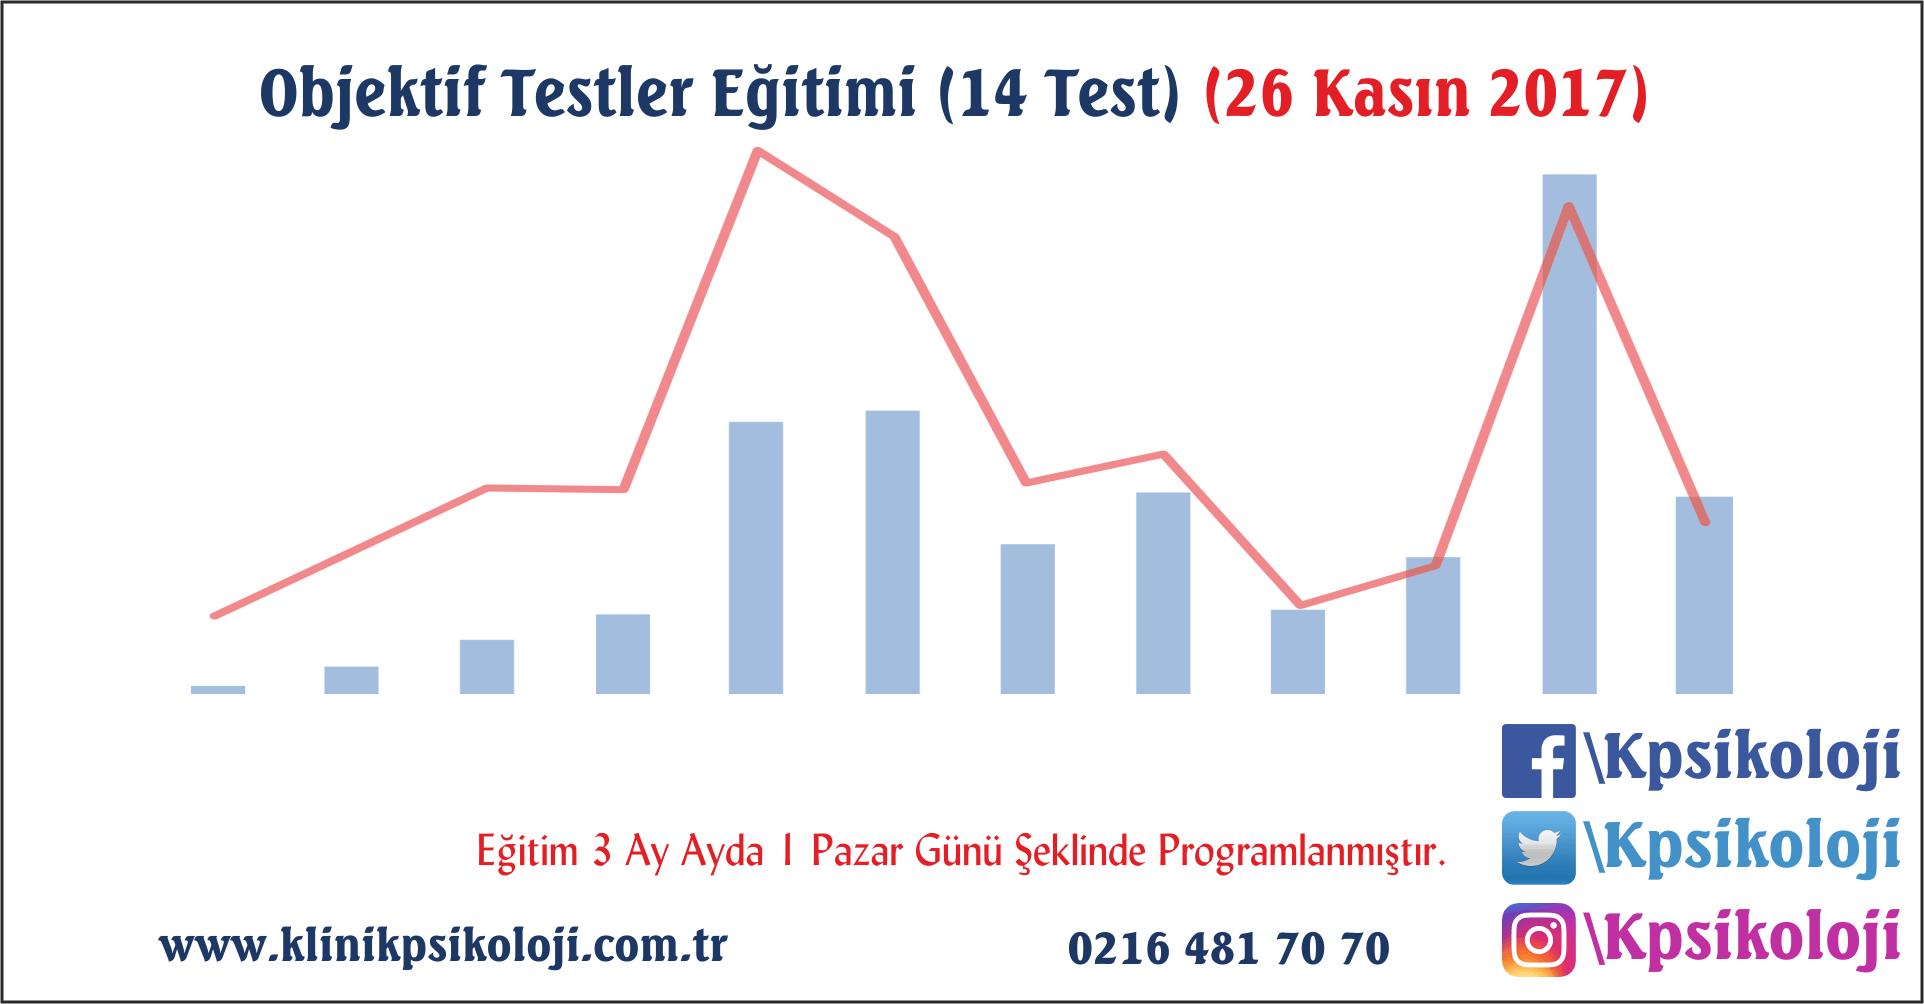 Objektif Testler Eğitimi (14 Test) (26 Kasım 2017)